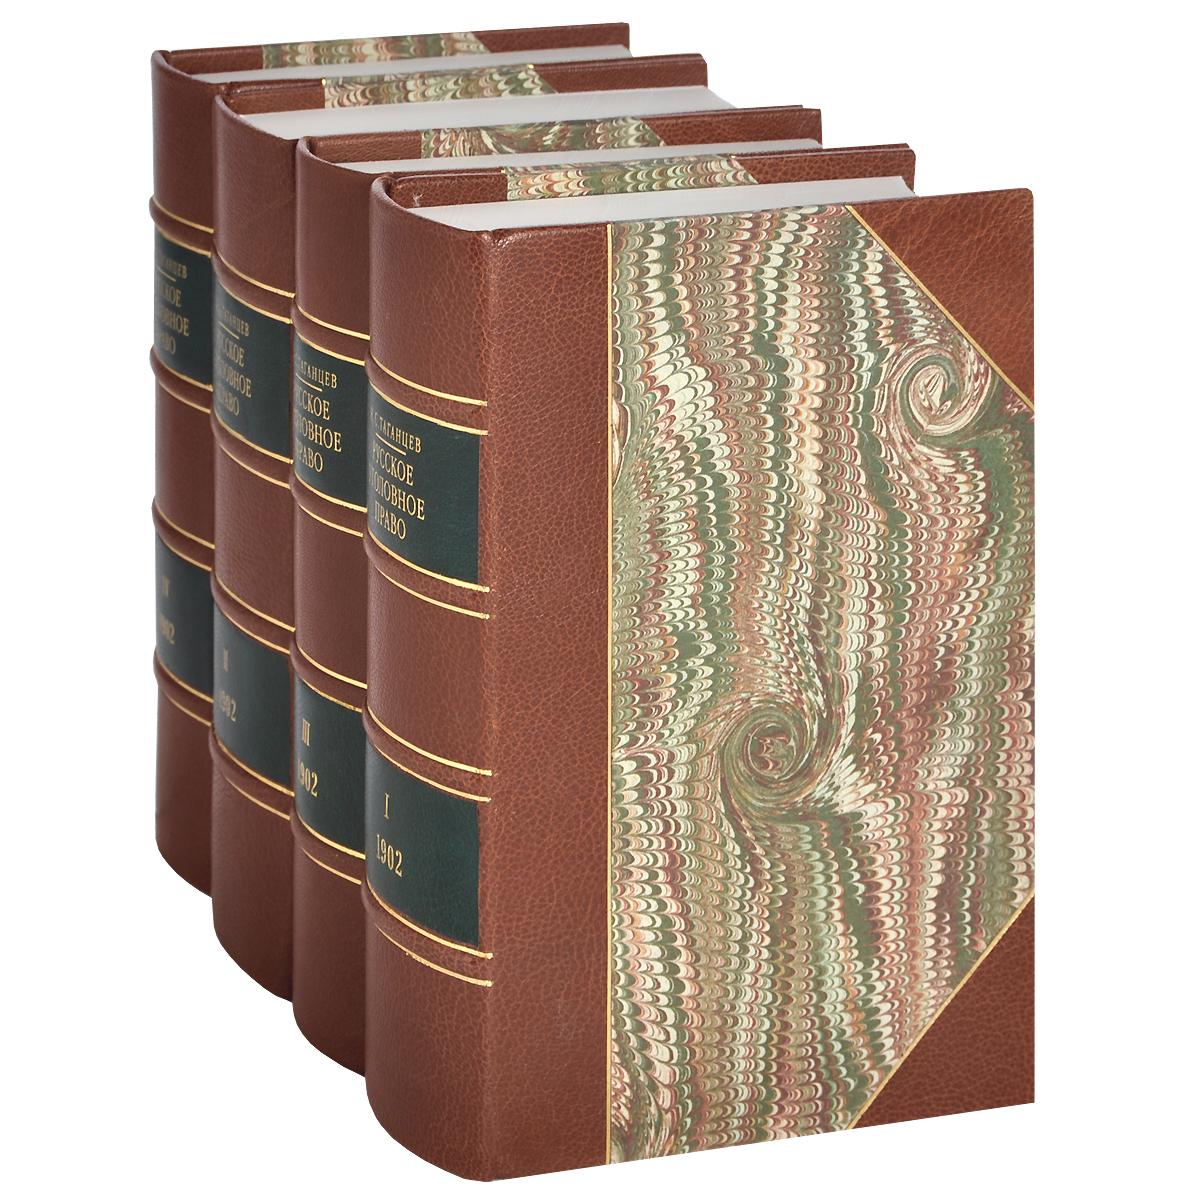 Русское уголовное право. В 4 томах (эксклюзивный подарочный комплект)